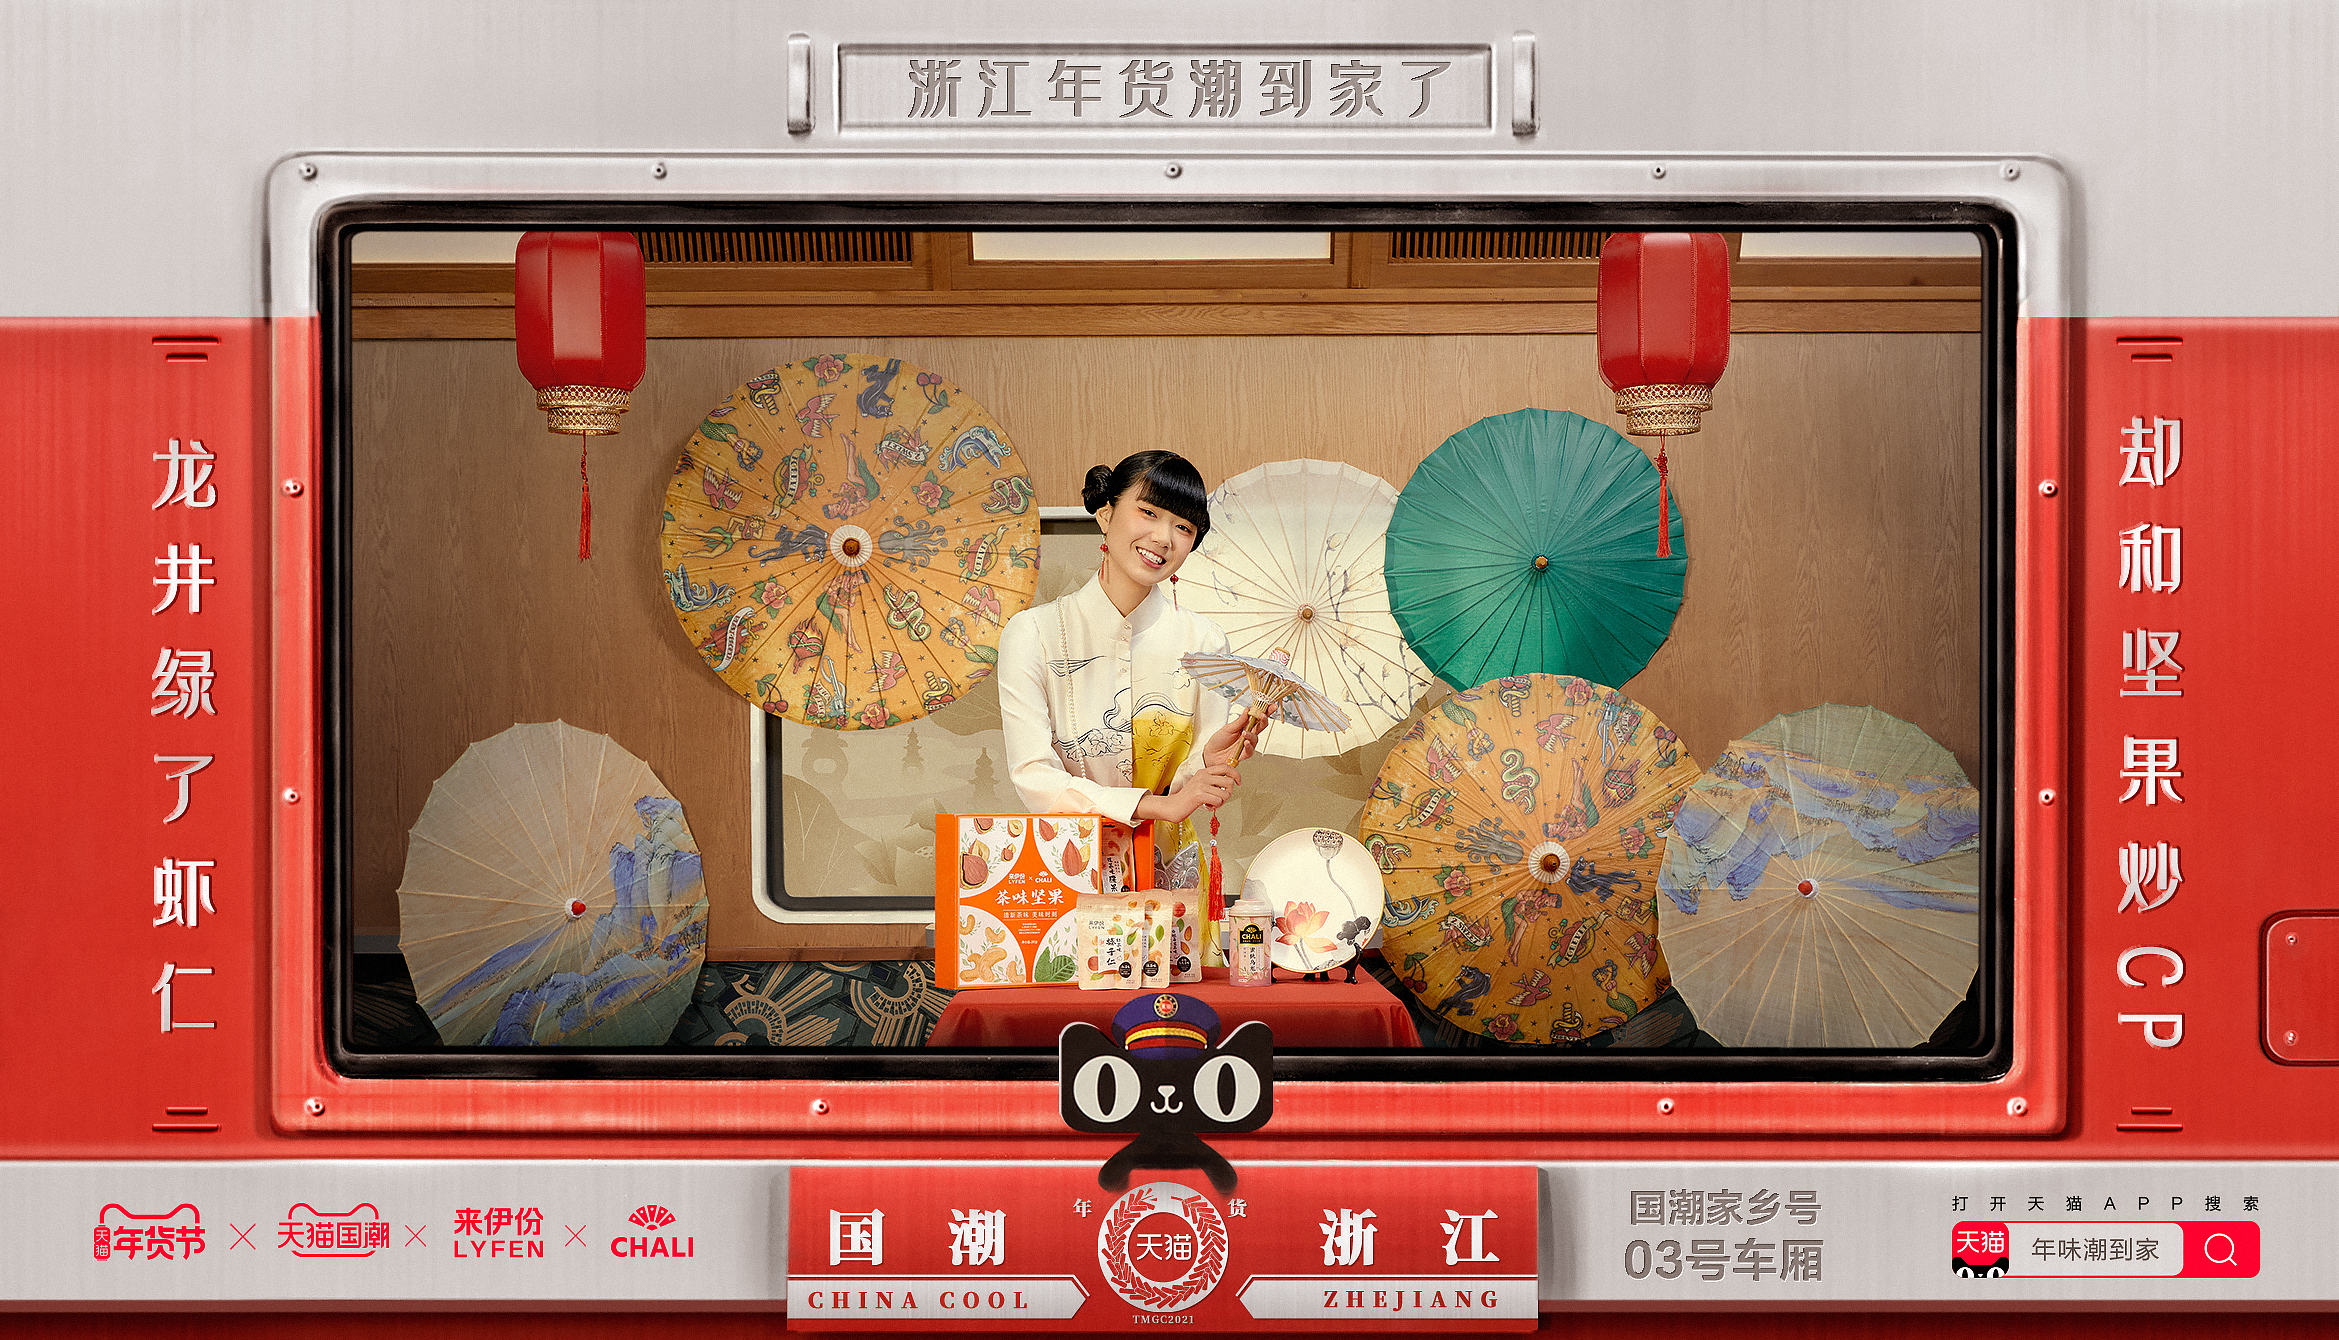 天猫国潮年货节,跨界营销新玩法